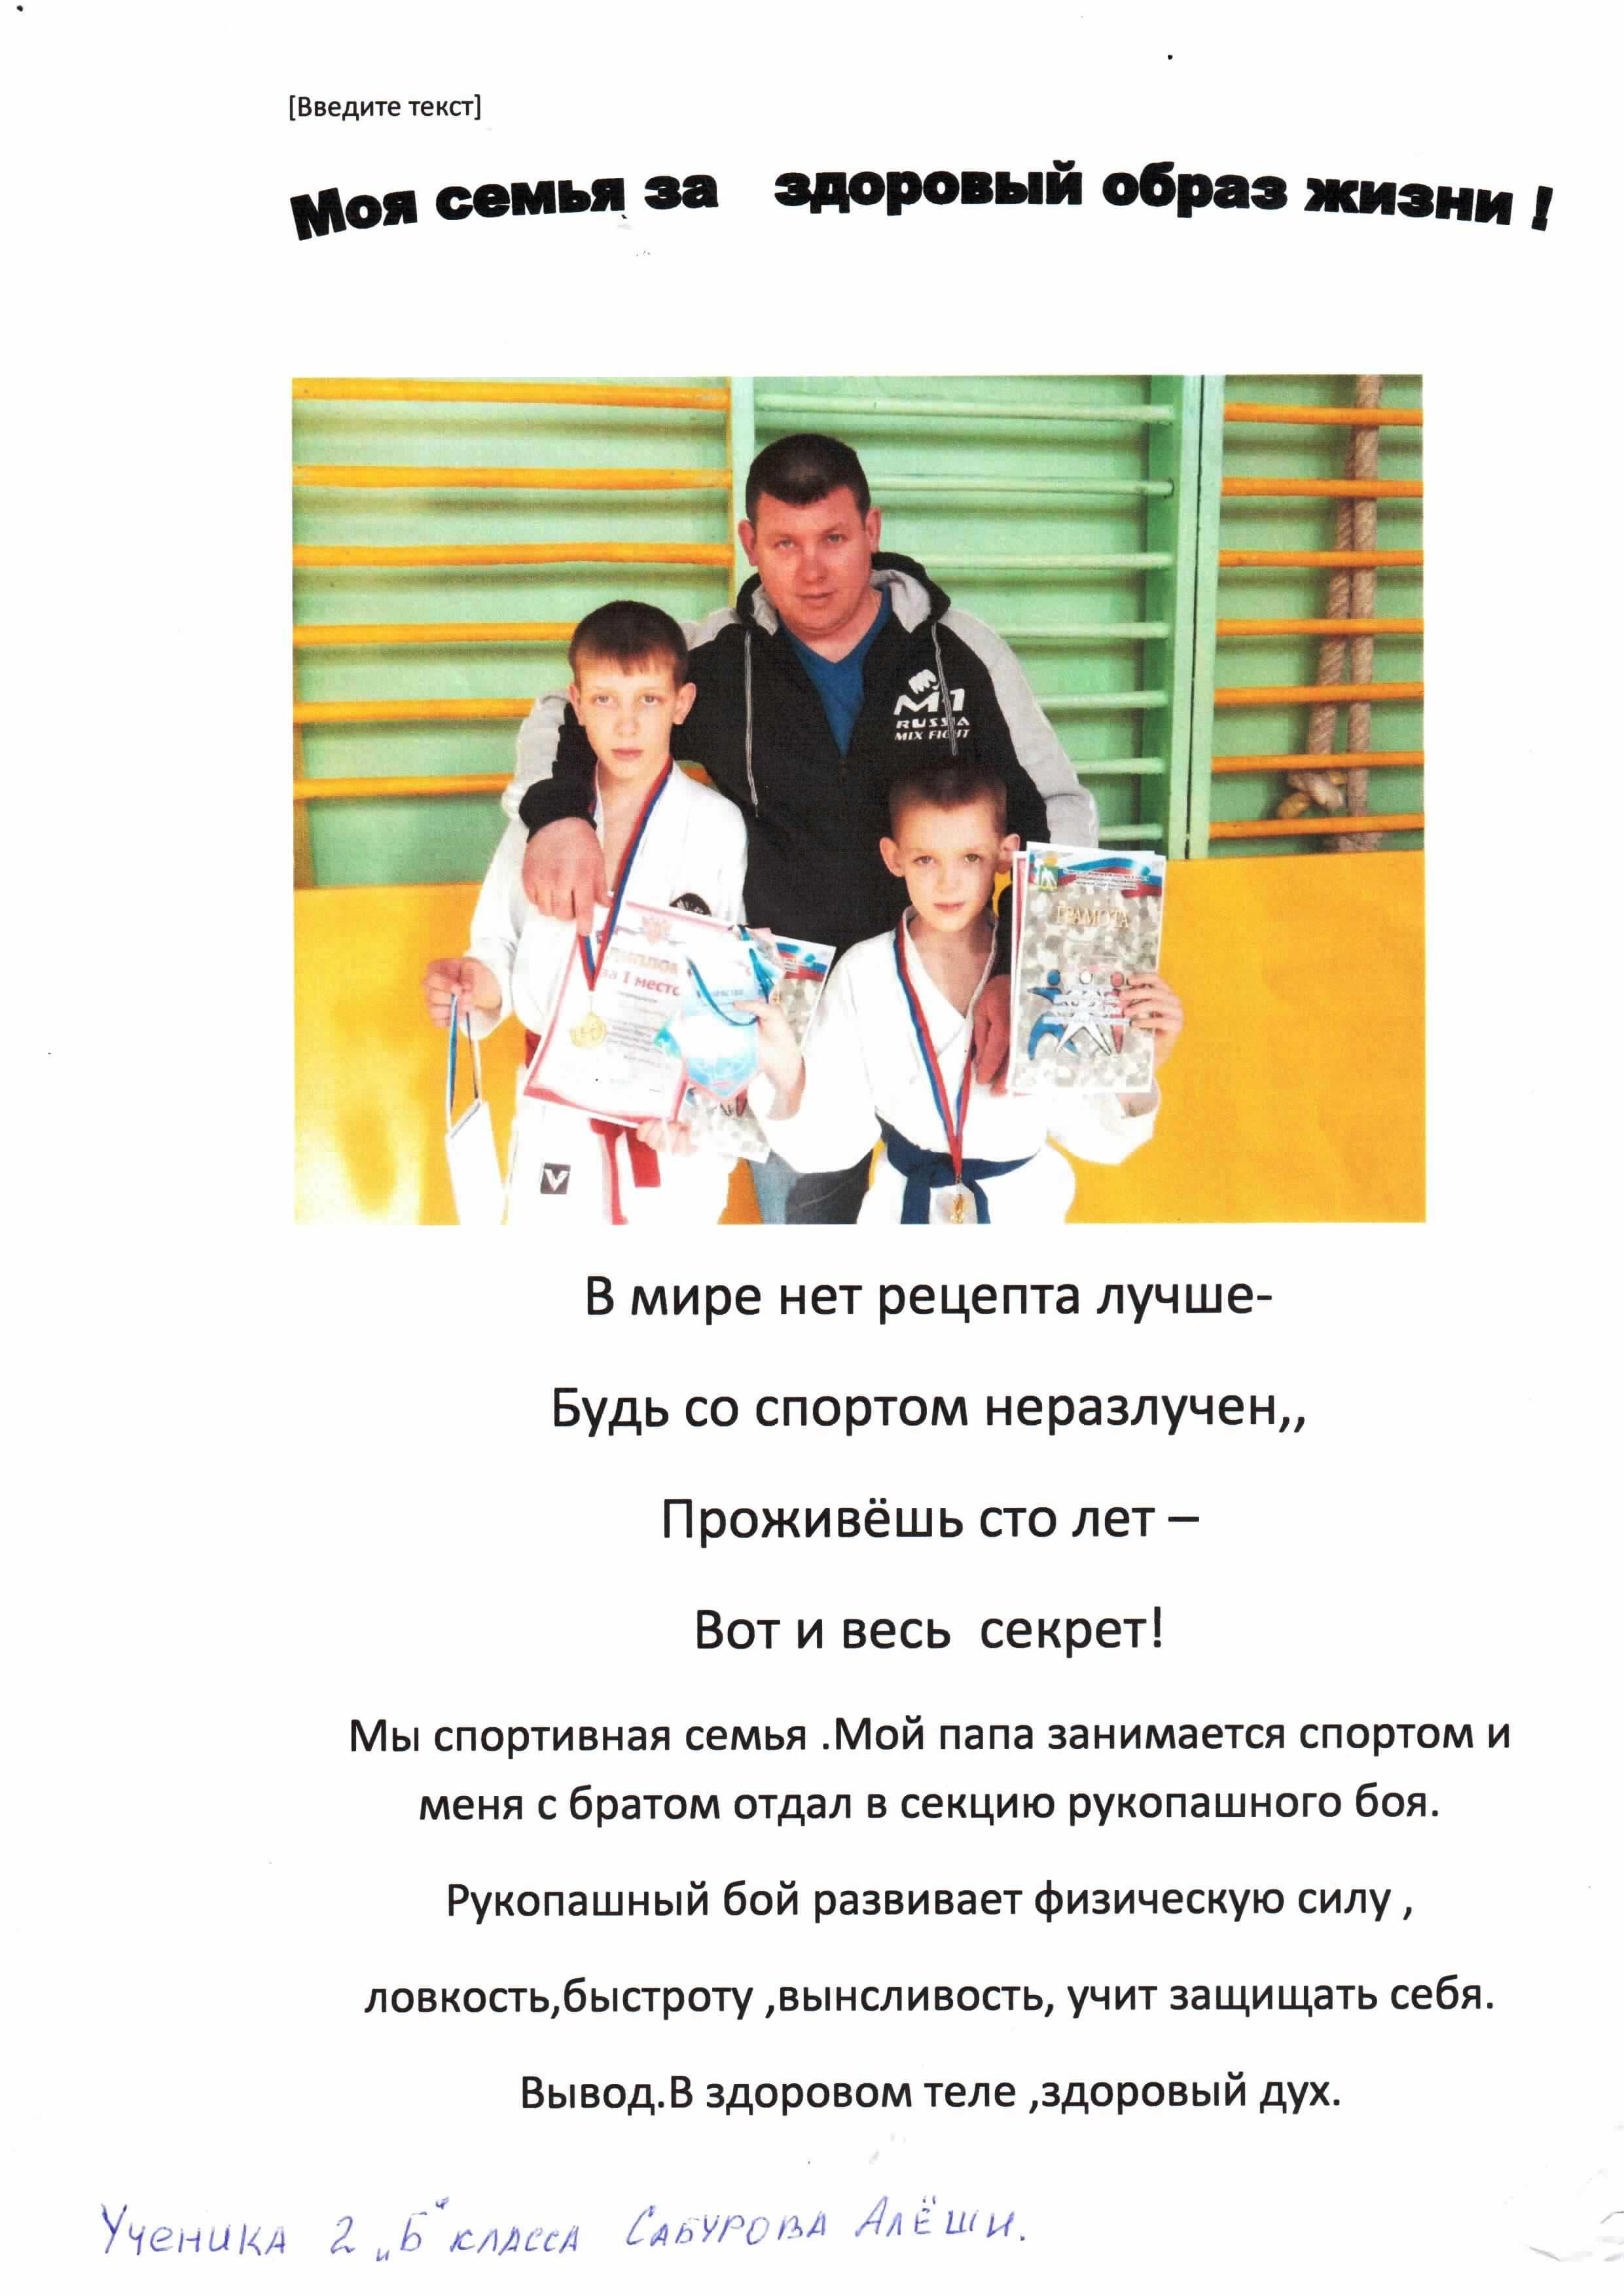 C:\Users\Татьяна\Desktop\Коллективный проект-Мы за здоровый образ жизни\Семья Сабуровых.jpg